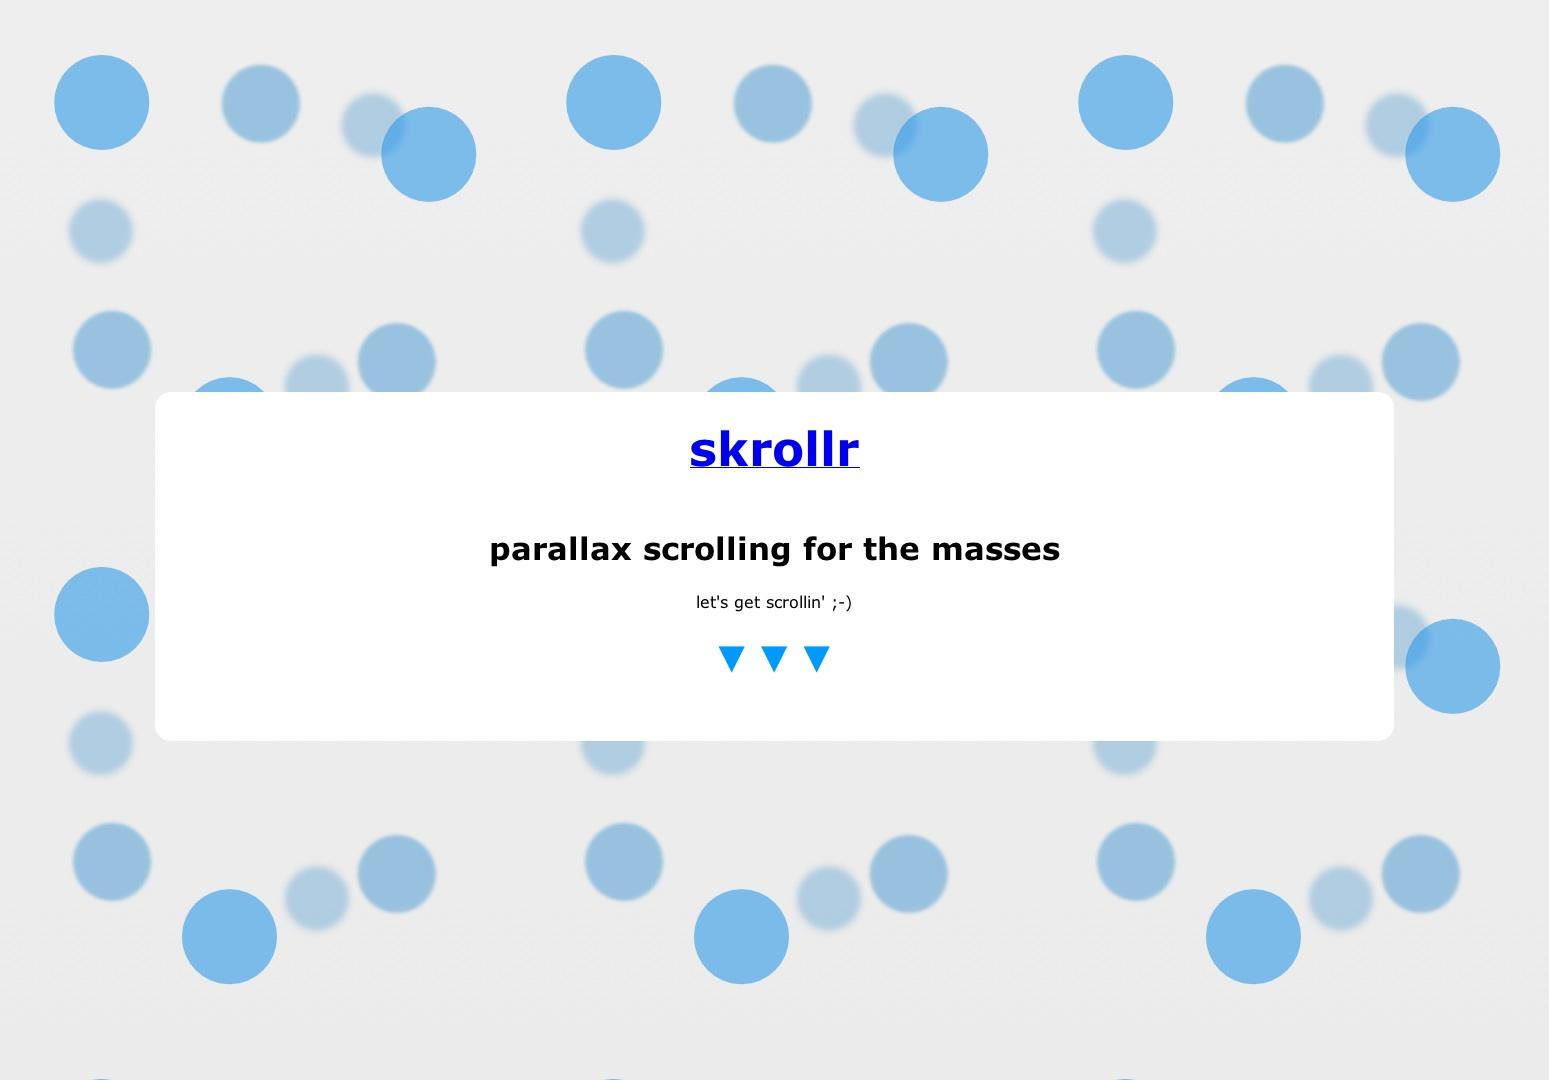 skrollr - scroll de paralaje para las masas